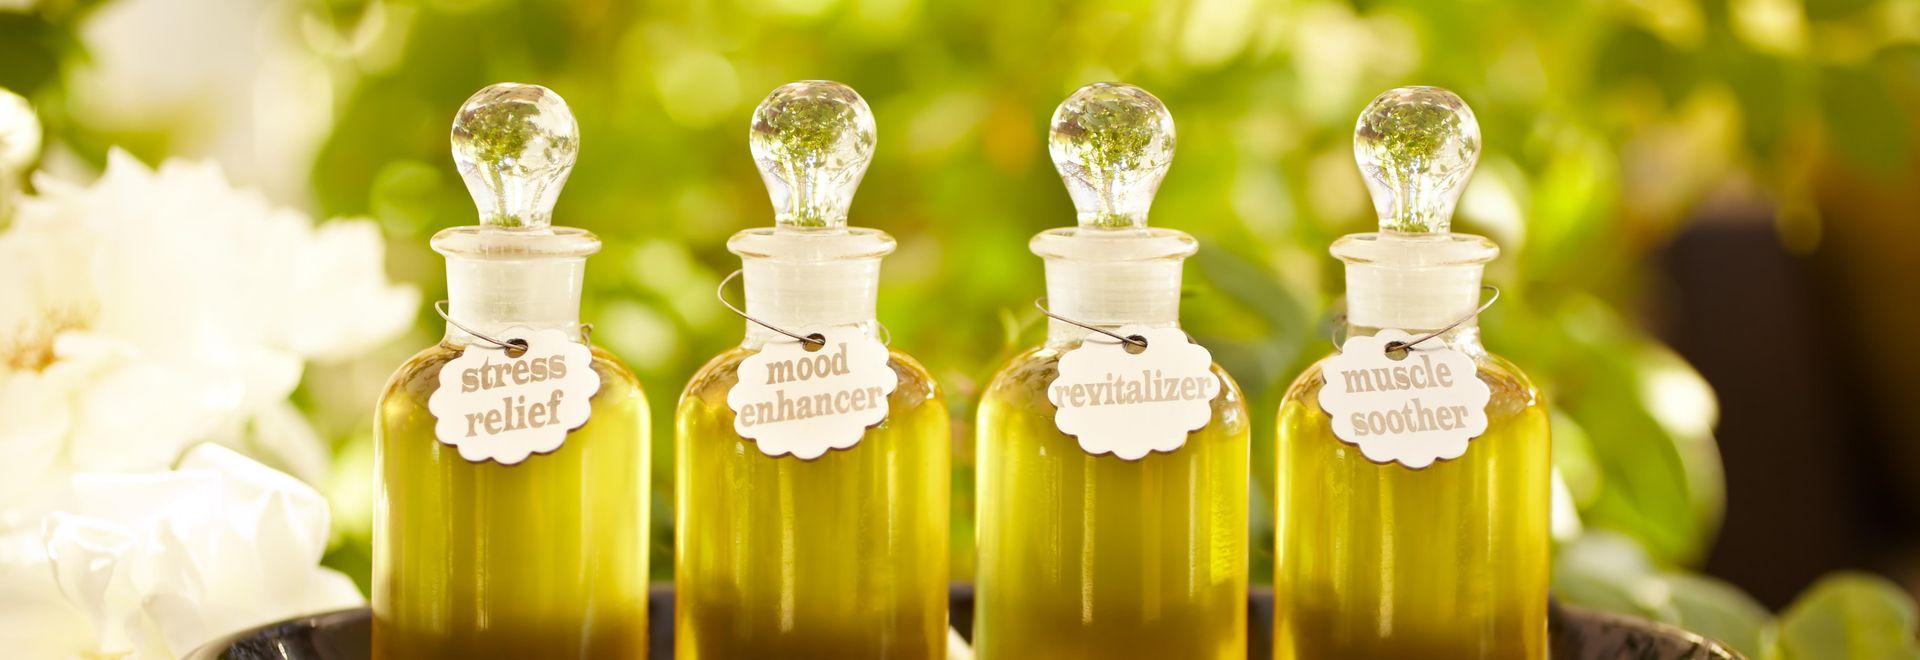 Düfte, Aromen und ätherische Öle für Körper, Seele und Geist